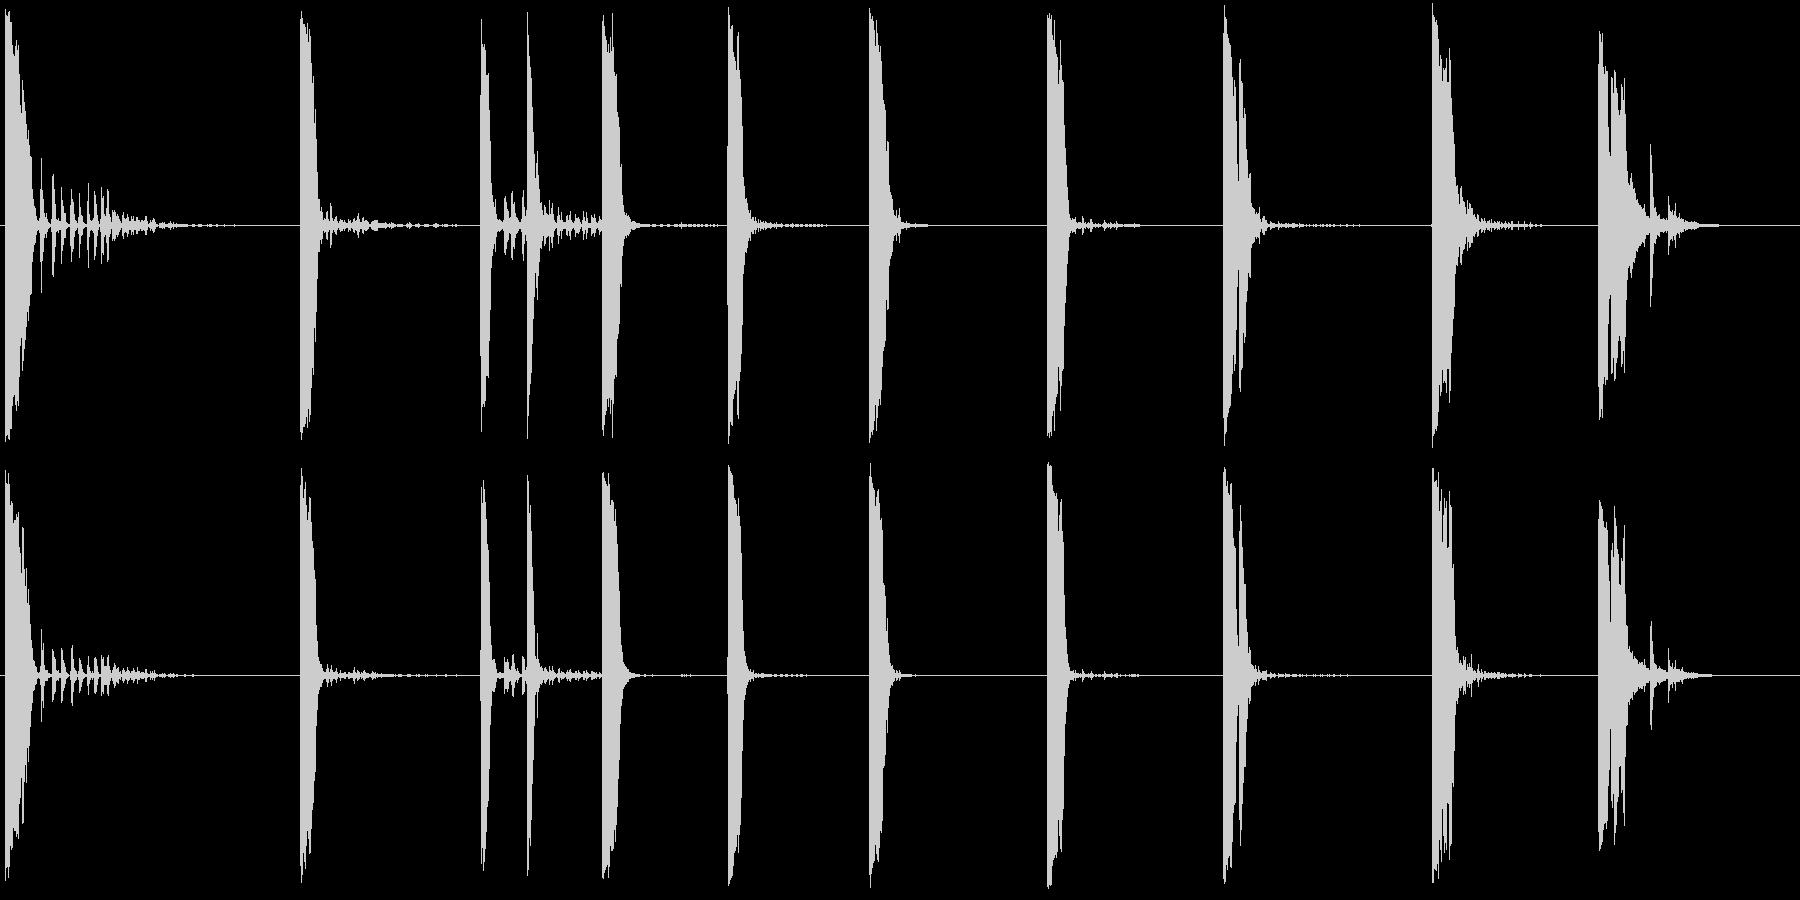 アルミニウムプレートとメタルシリン...の未再生の波形